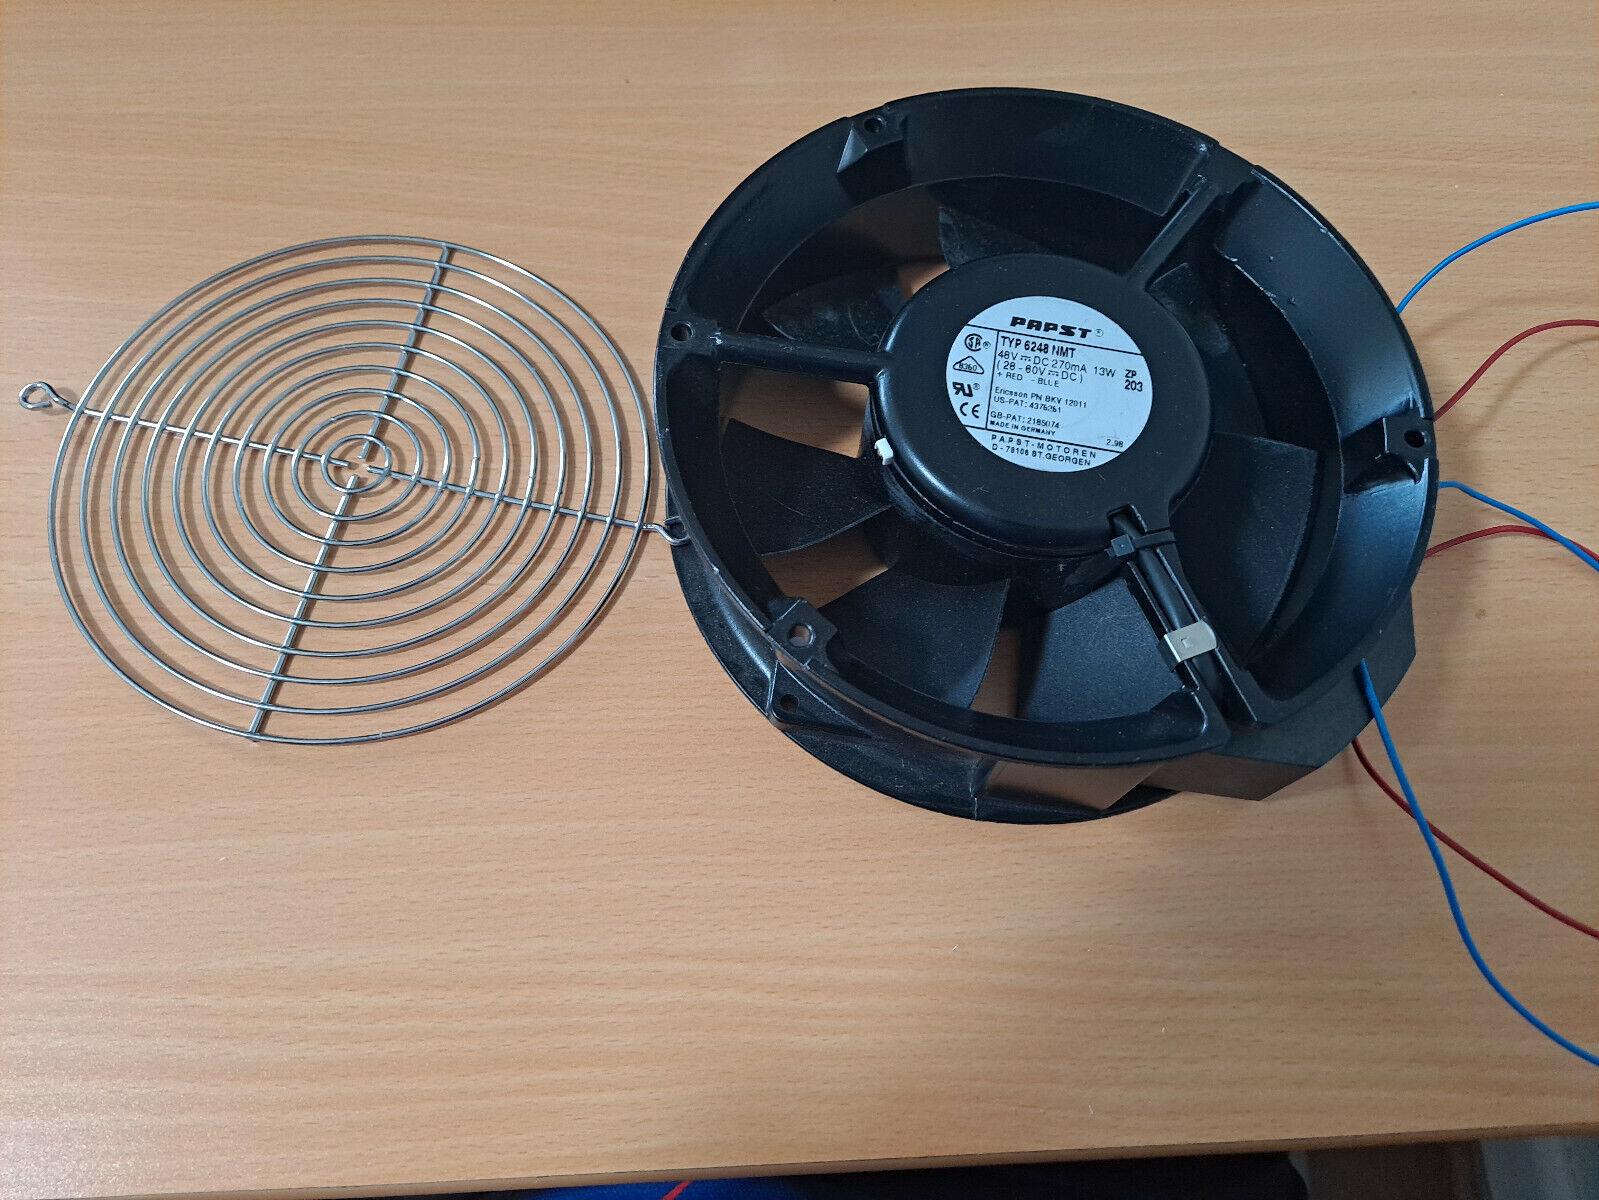 EBM PAPST DC Fan Axial Ball Bearing 48V 28V to 60V 206CFM 50dB - 6248NMT